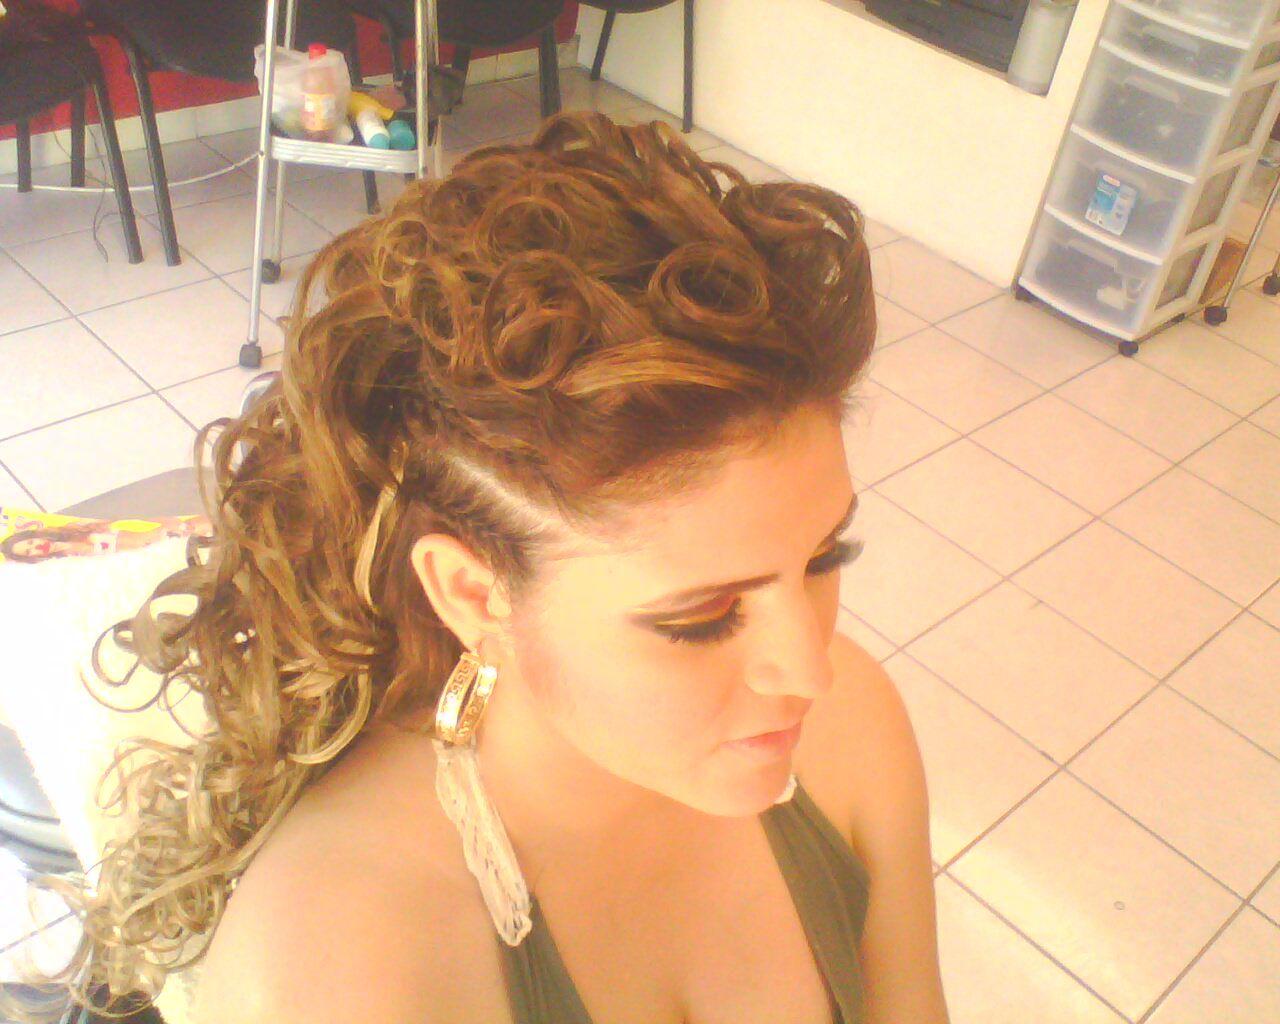 Peinado de salon para fiesta de noche cabello chino - Peinados de fiesta ...